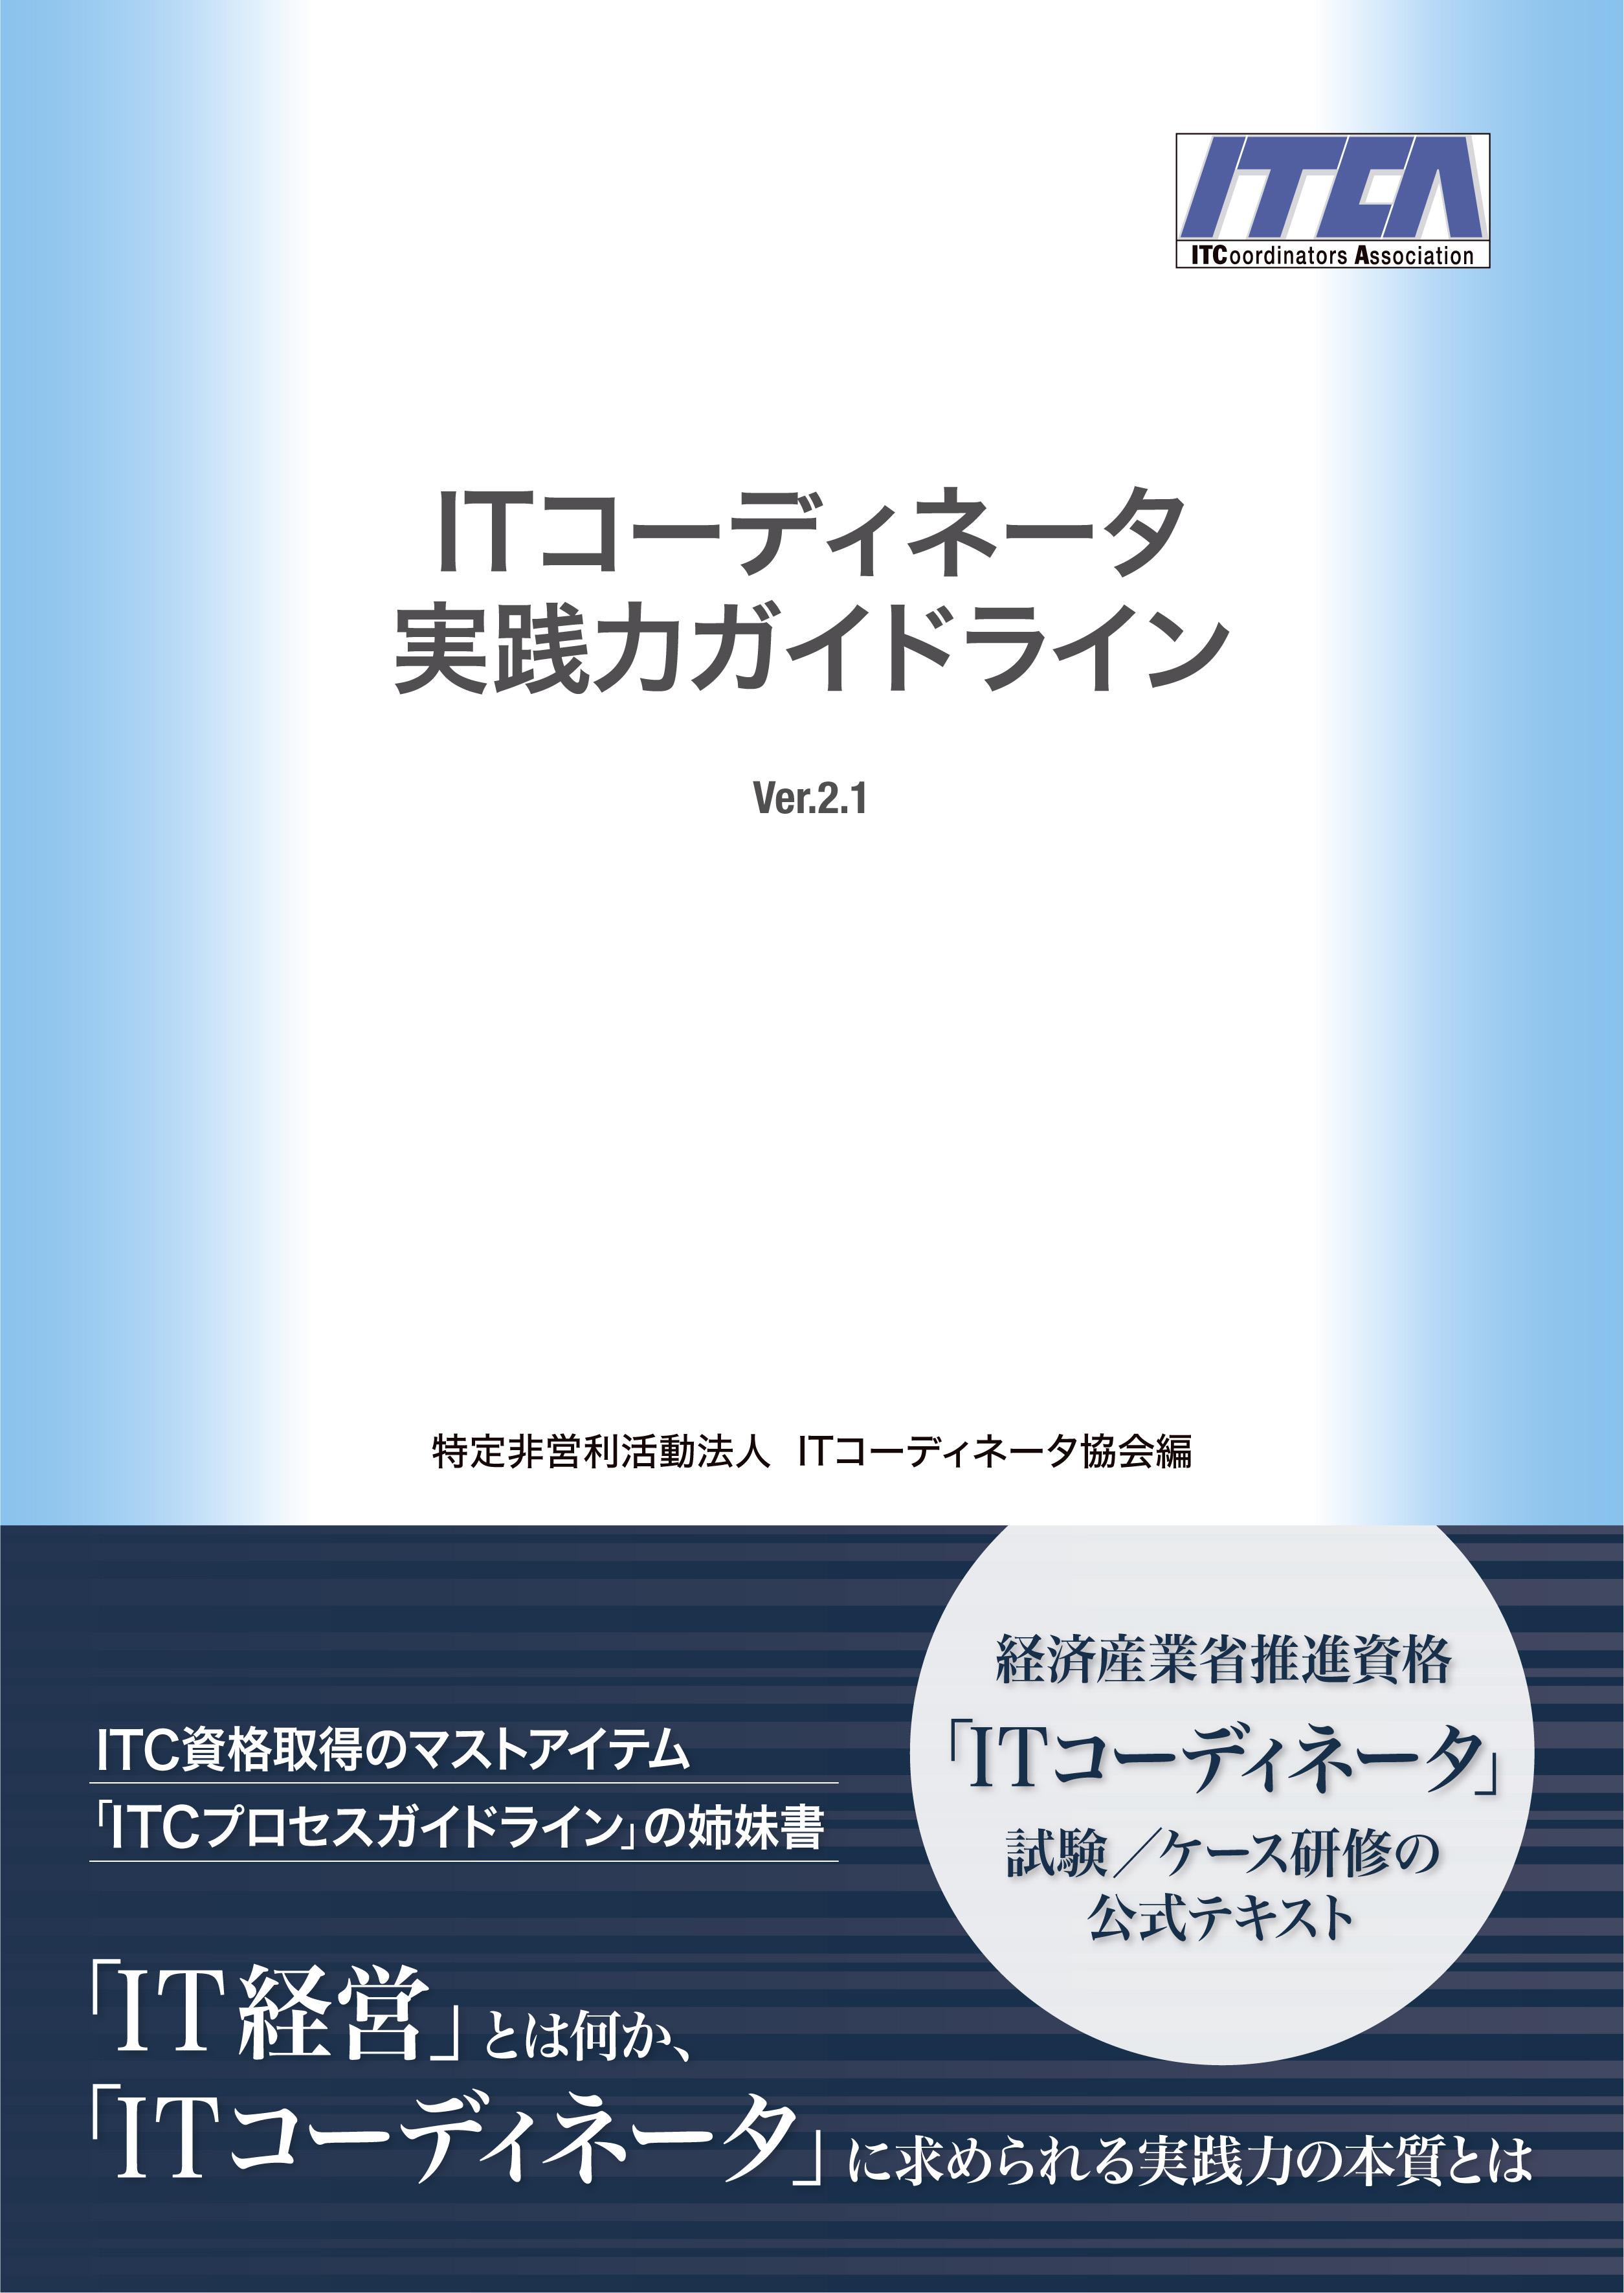 ITコーディネータ実践力ガイドラインVer.2.1